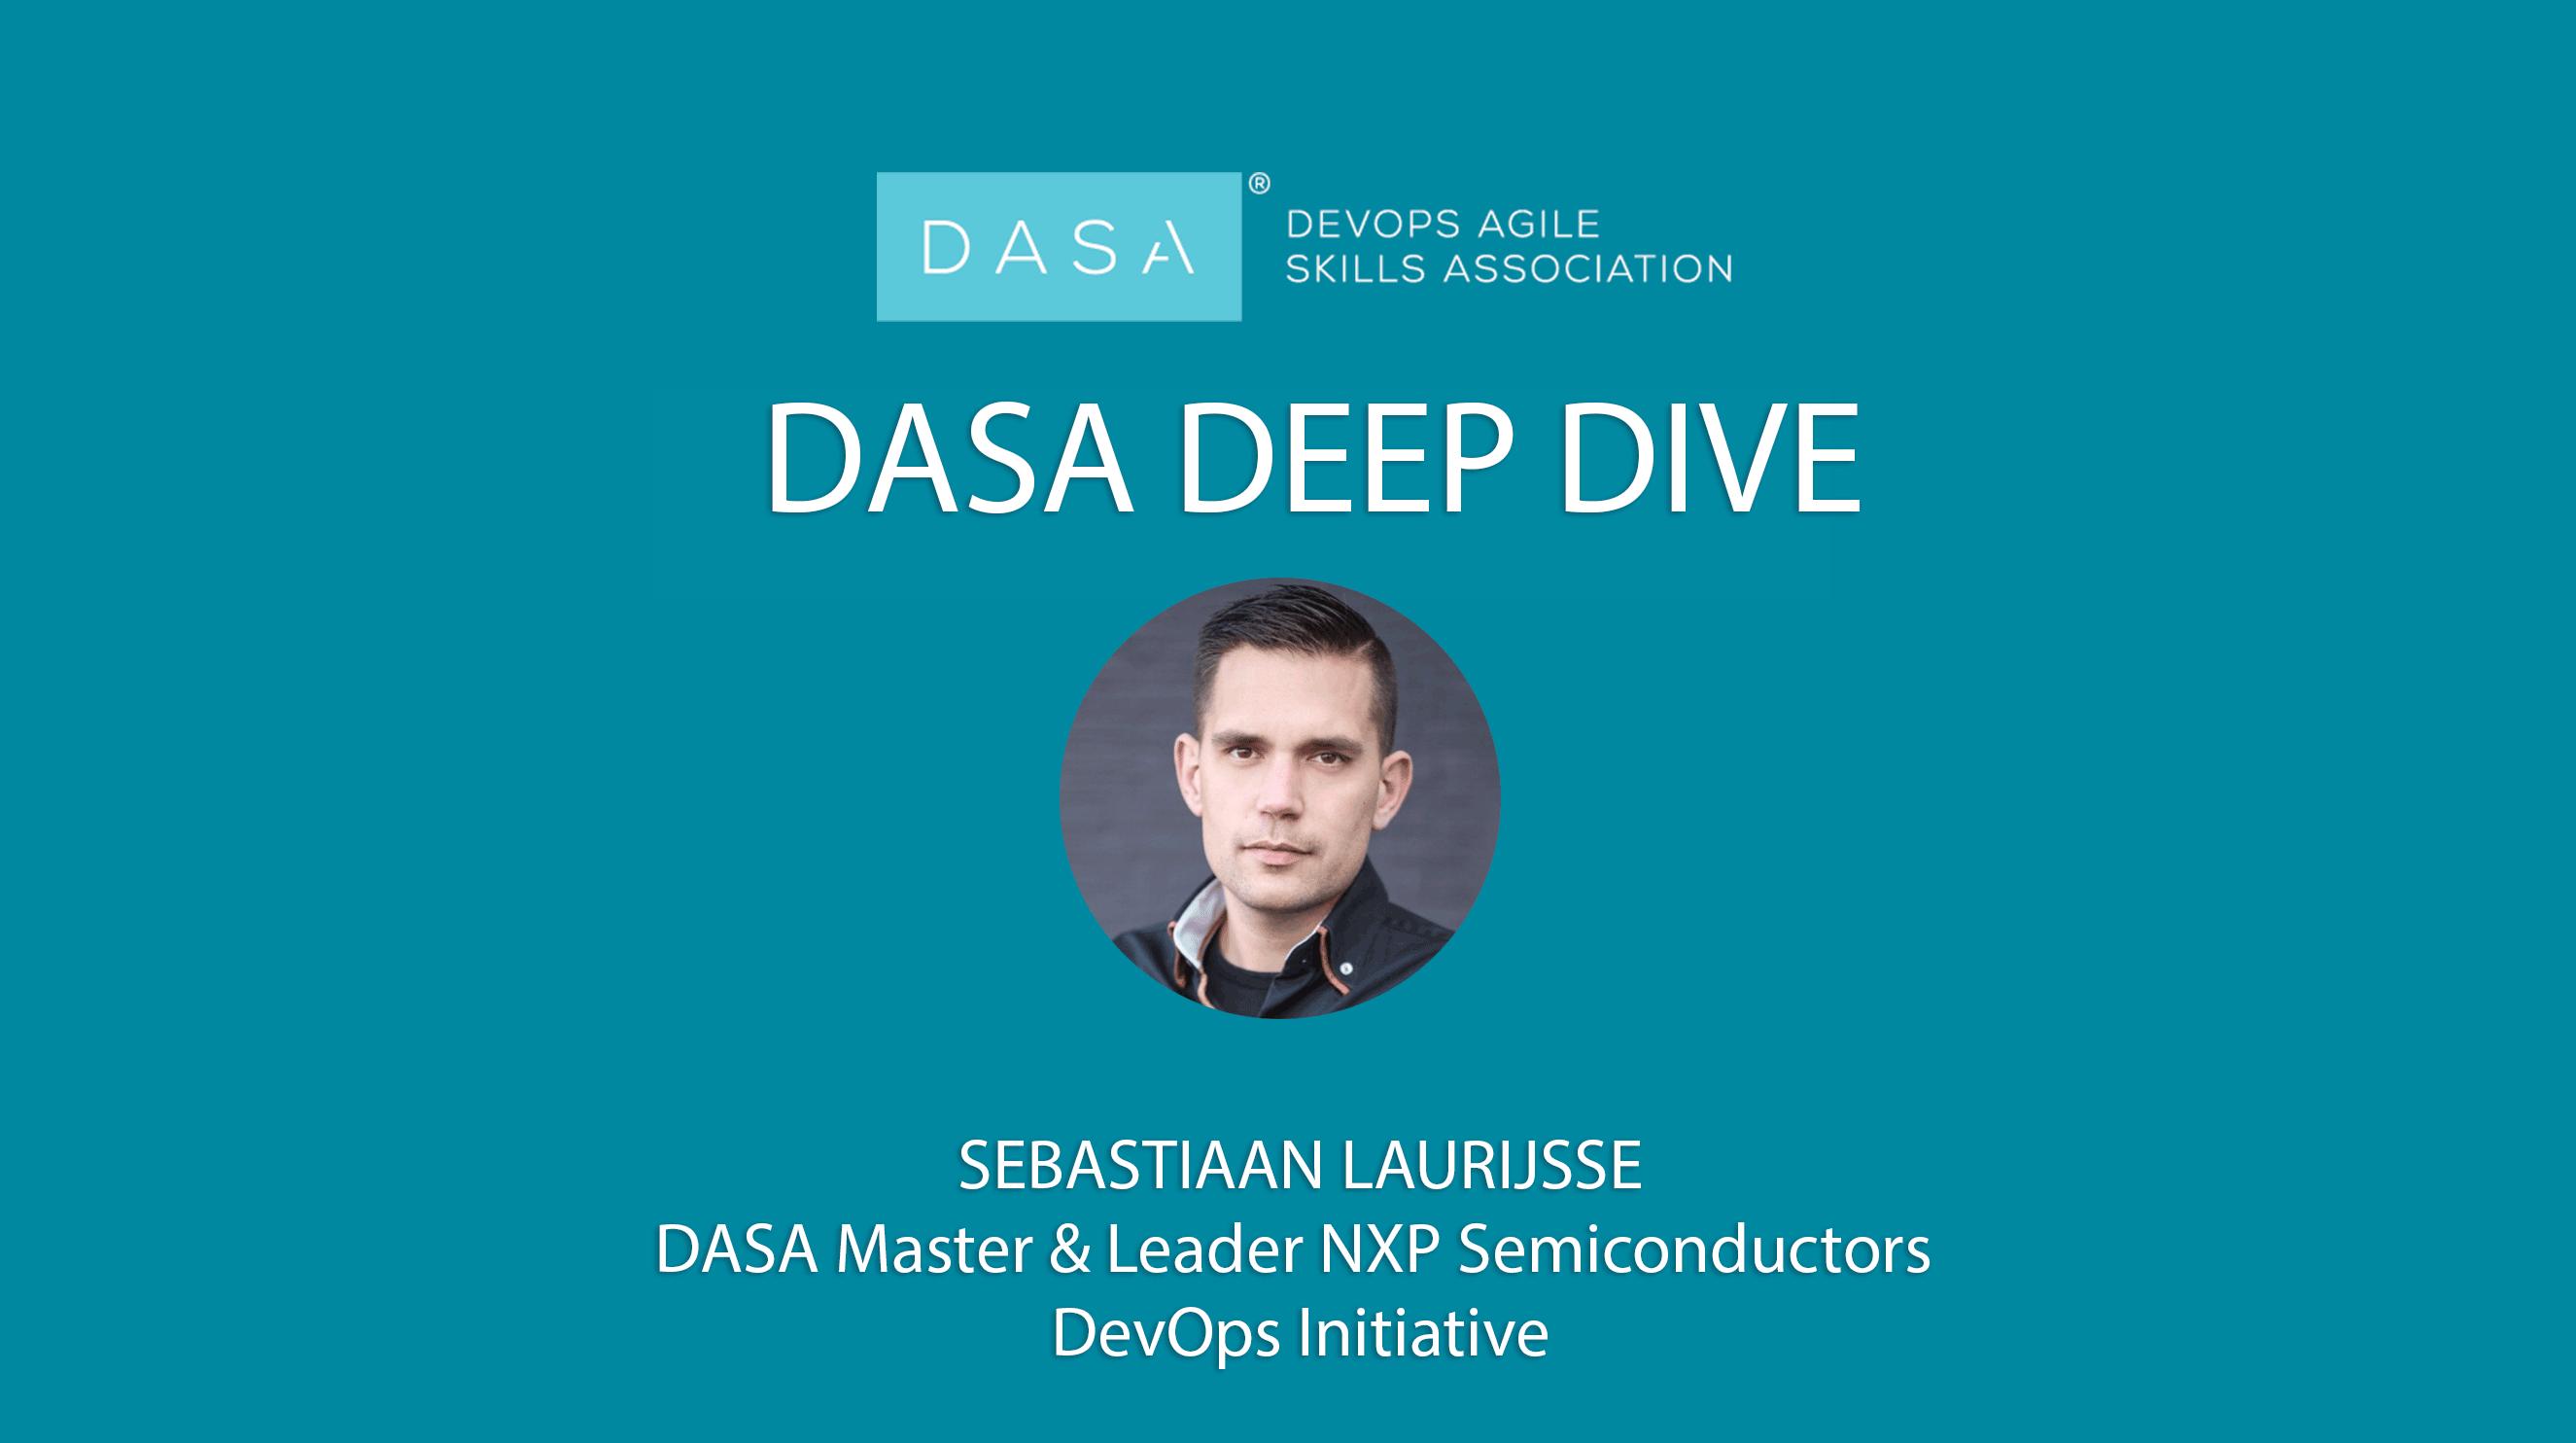 DASA-Deep-Dive-Sebastiaan-Laurijsse